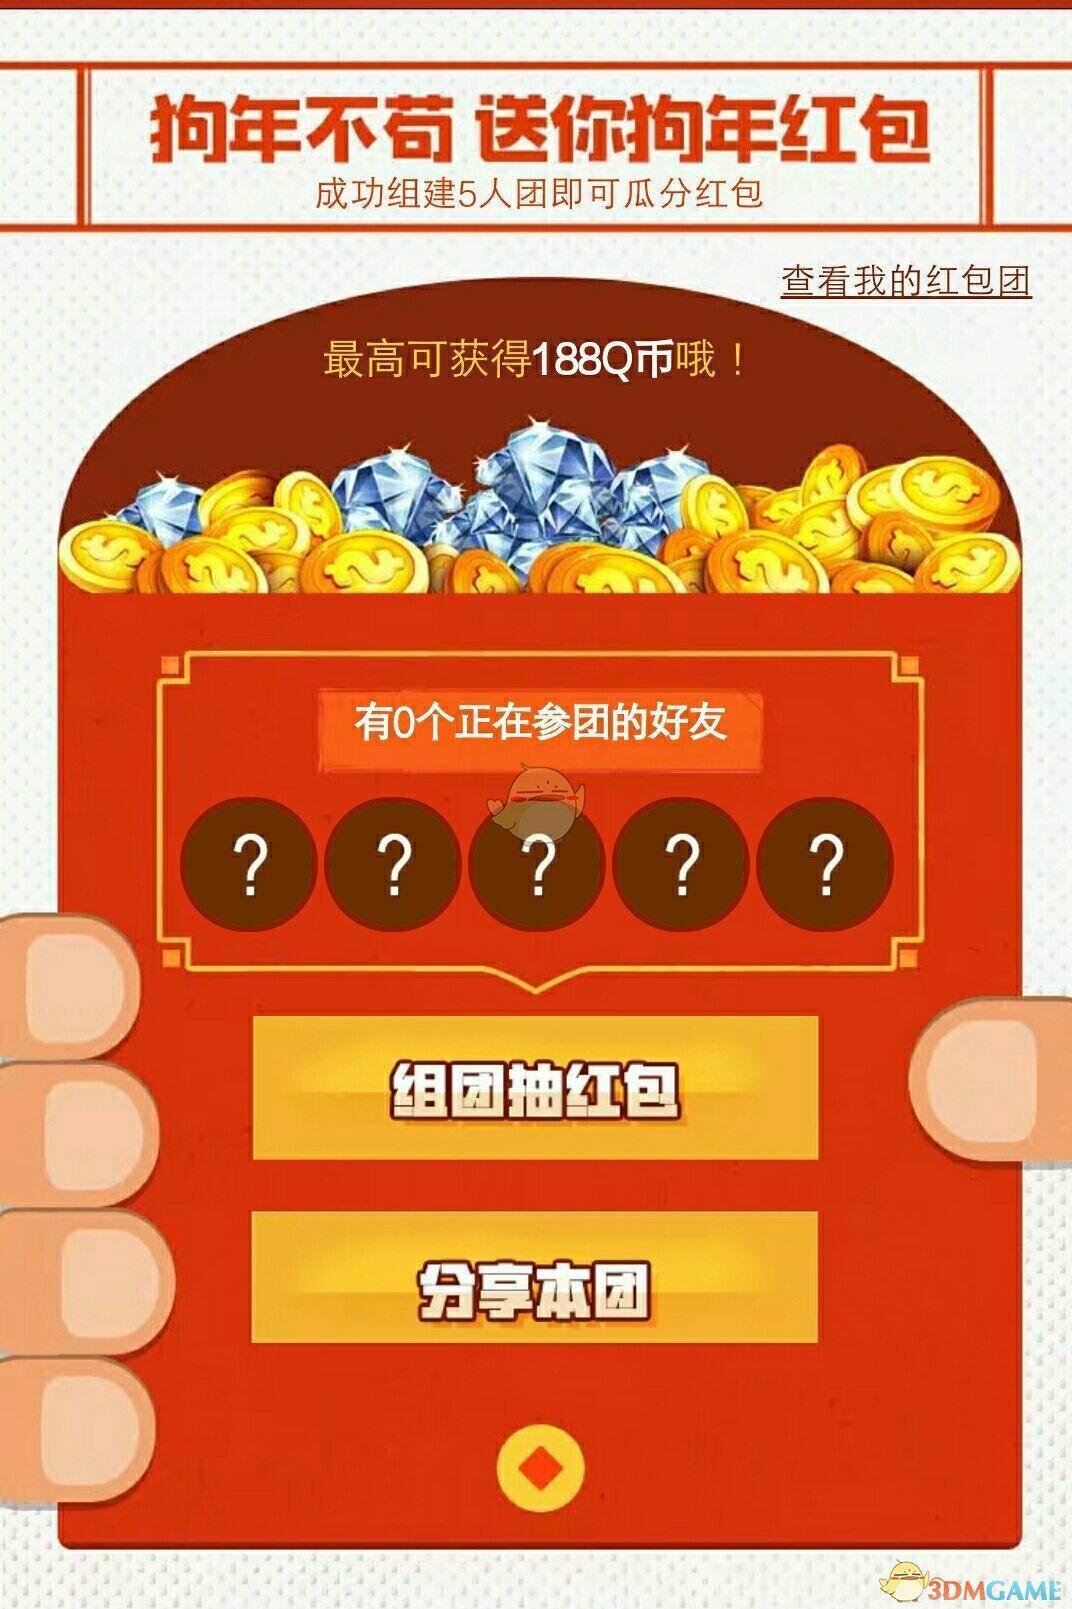 《cf手游:荒岛特训》2018狗年不苟红包团活动地址